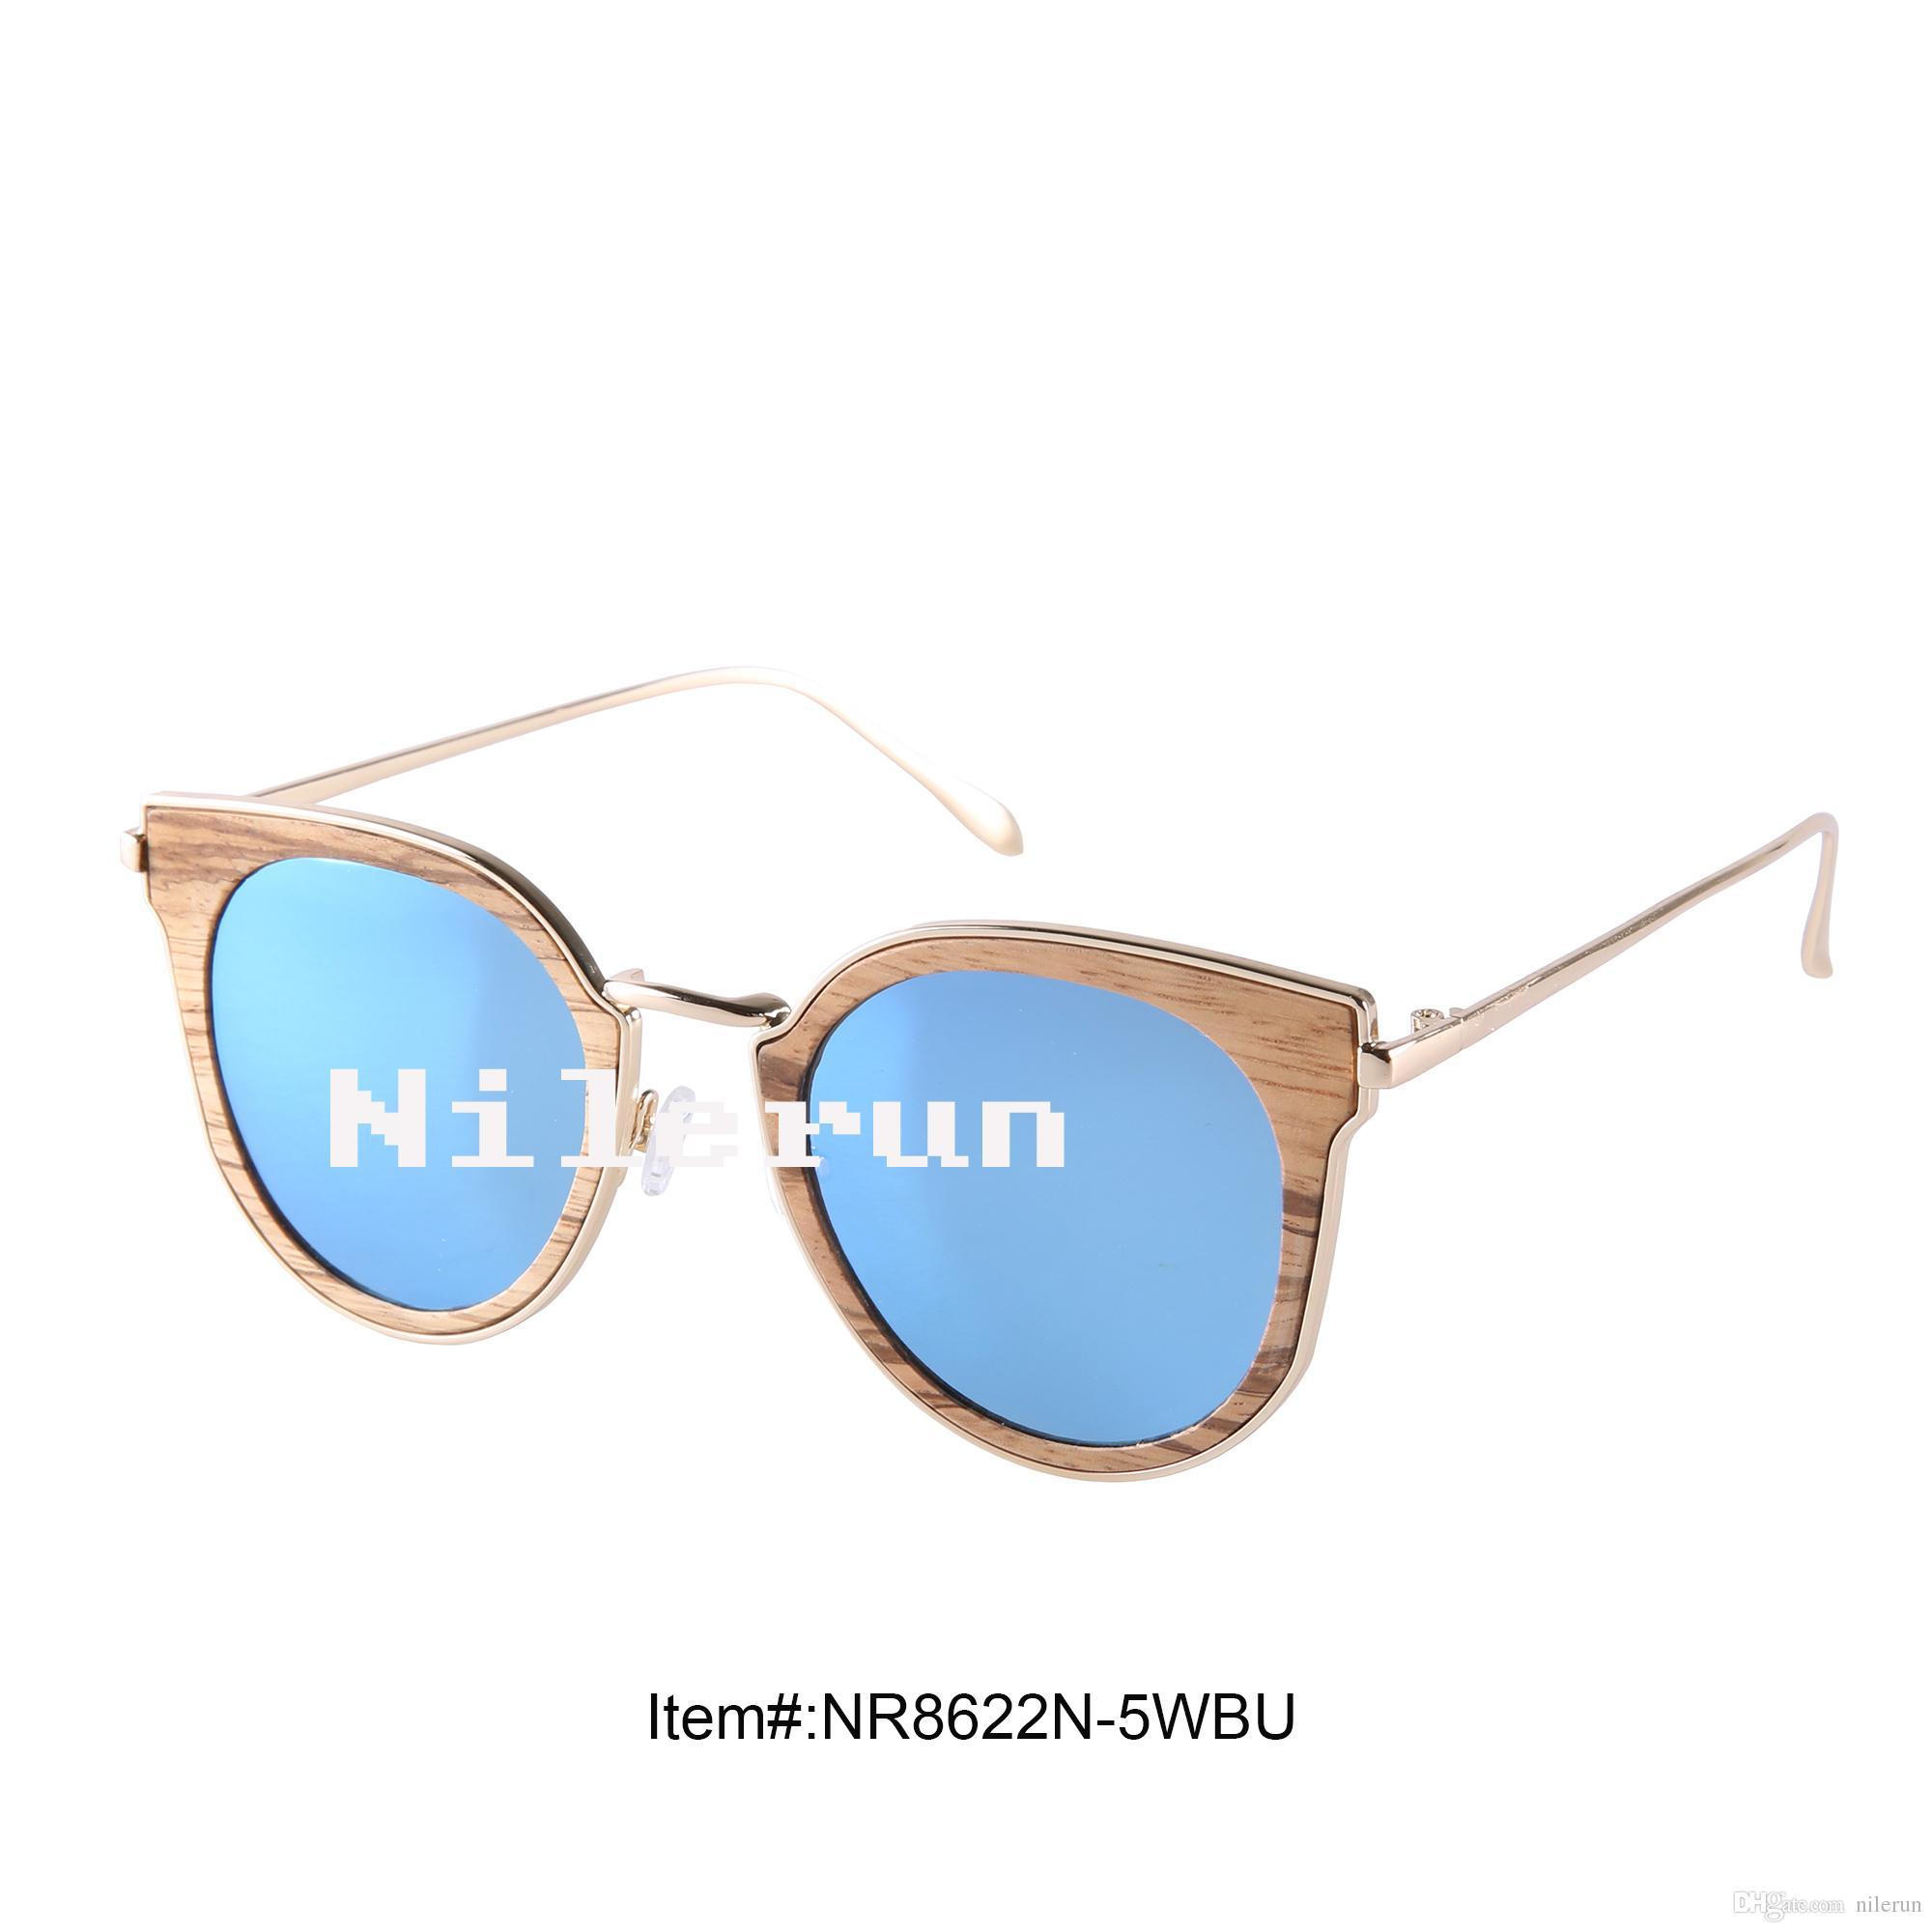 908ce2724f3 Nilerun Brand Mirror Blue Polarized Cat Eye Round Shape Zebra Wood Gold  Stainless Steel Metal Sunglasses Metal Sunglasses Blue Polarized Lenses  Zebra Wood ...